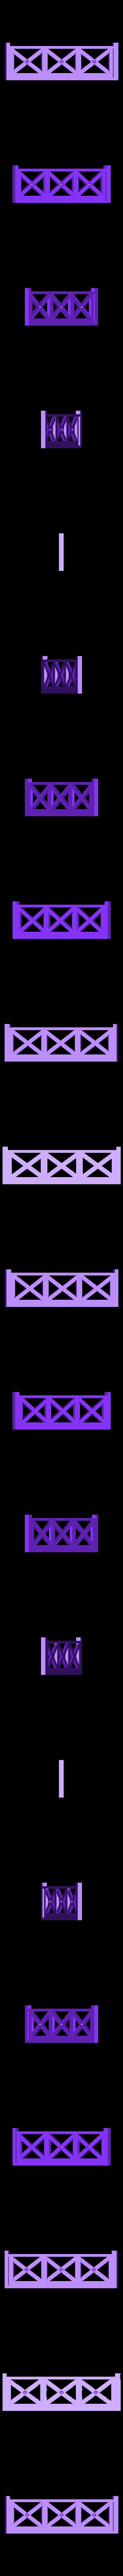 guard_rail1.stl Télécharger fichier STL gratuit Ripper's London - The (Modular) Factory • Modèle pour imprimante 3D, Earsling